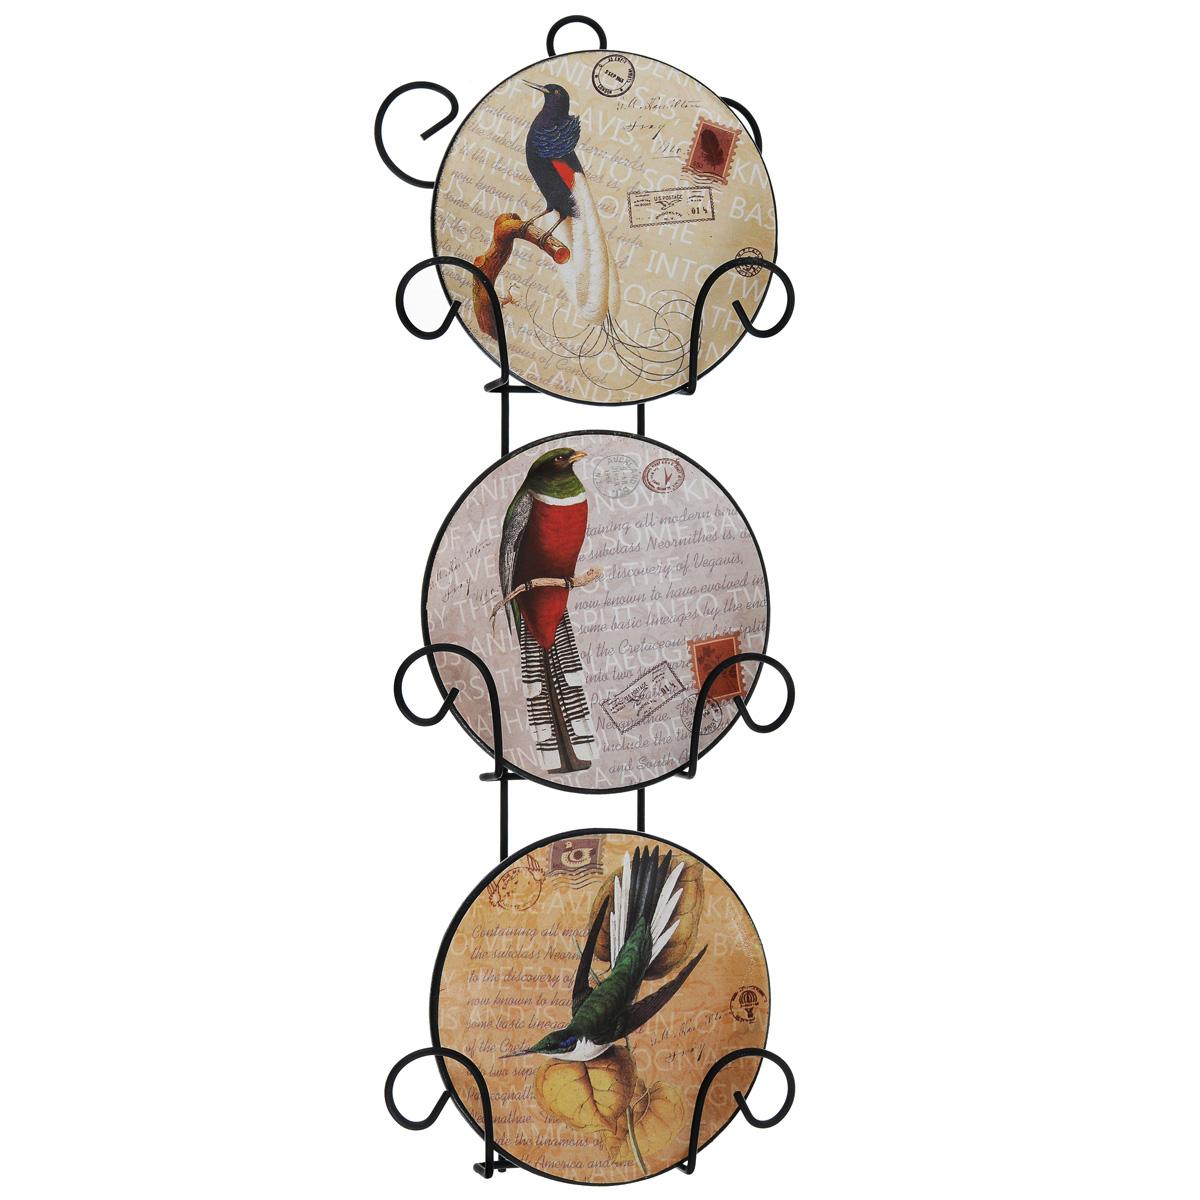 Набор декоративных тарелок Птицы, диаметр 10 см, 3 шт36255Набор из трех декоративных тарелок с ярким рисунком украсят практически любое ваше помещение, будь то кухня, столовая, гостиная, холл и будут являться необычным дизайнерским решением. Тарелки выполнены из доломитовой керамики, подставка в виде вертикальной этажерки, благодаря которой сувенир удобно и быстро крепится к стене, - из черного металла. Каждая тарелочка, декорированная изображениями экзотических птиц, помещается в отдельную нишу. Очаровательный набор декоративных тарелок - замечательный подарок друзьям и близким людям. Размер тарелки (без подставки): 10 см х 10 см х 1,5 см. Размер сувенира с подставкой: 2,5 см х 11,5 см х 33 см.